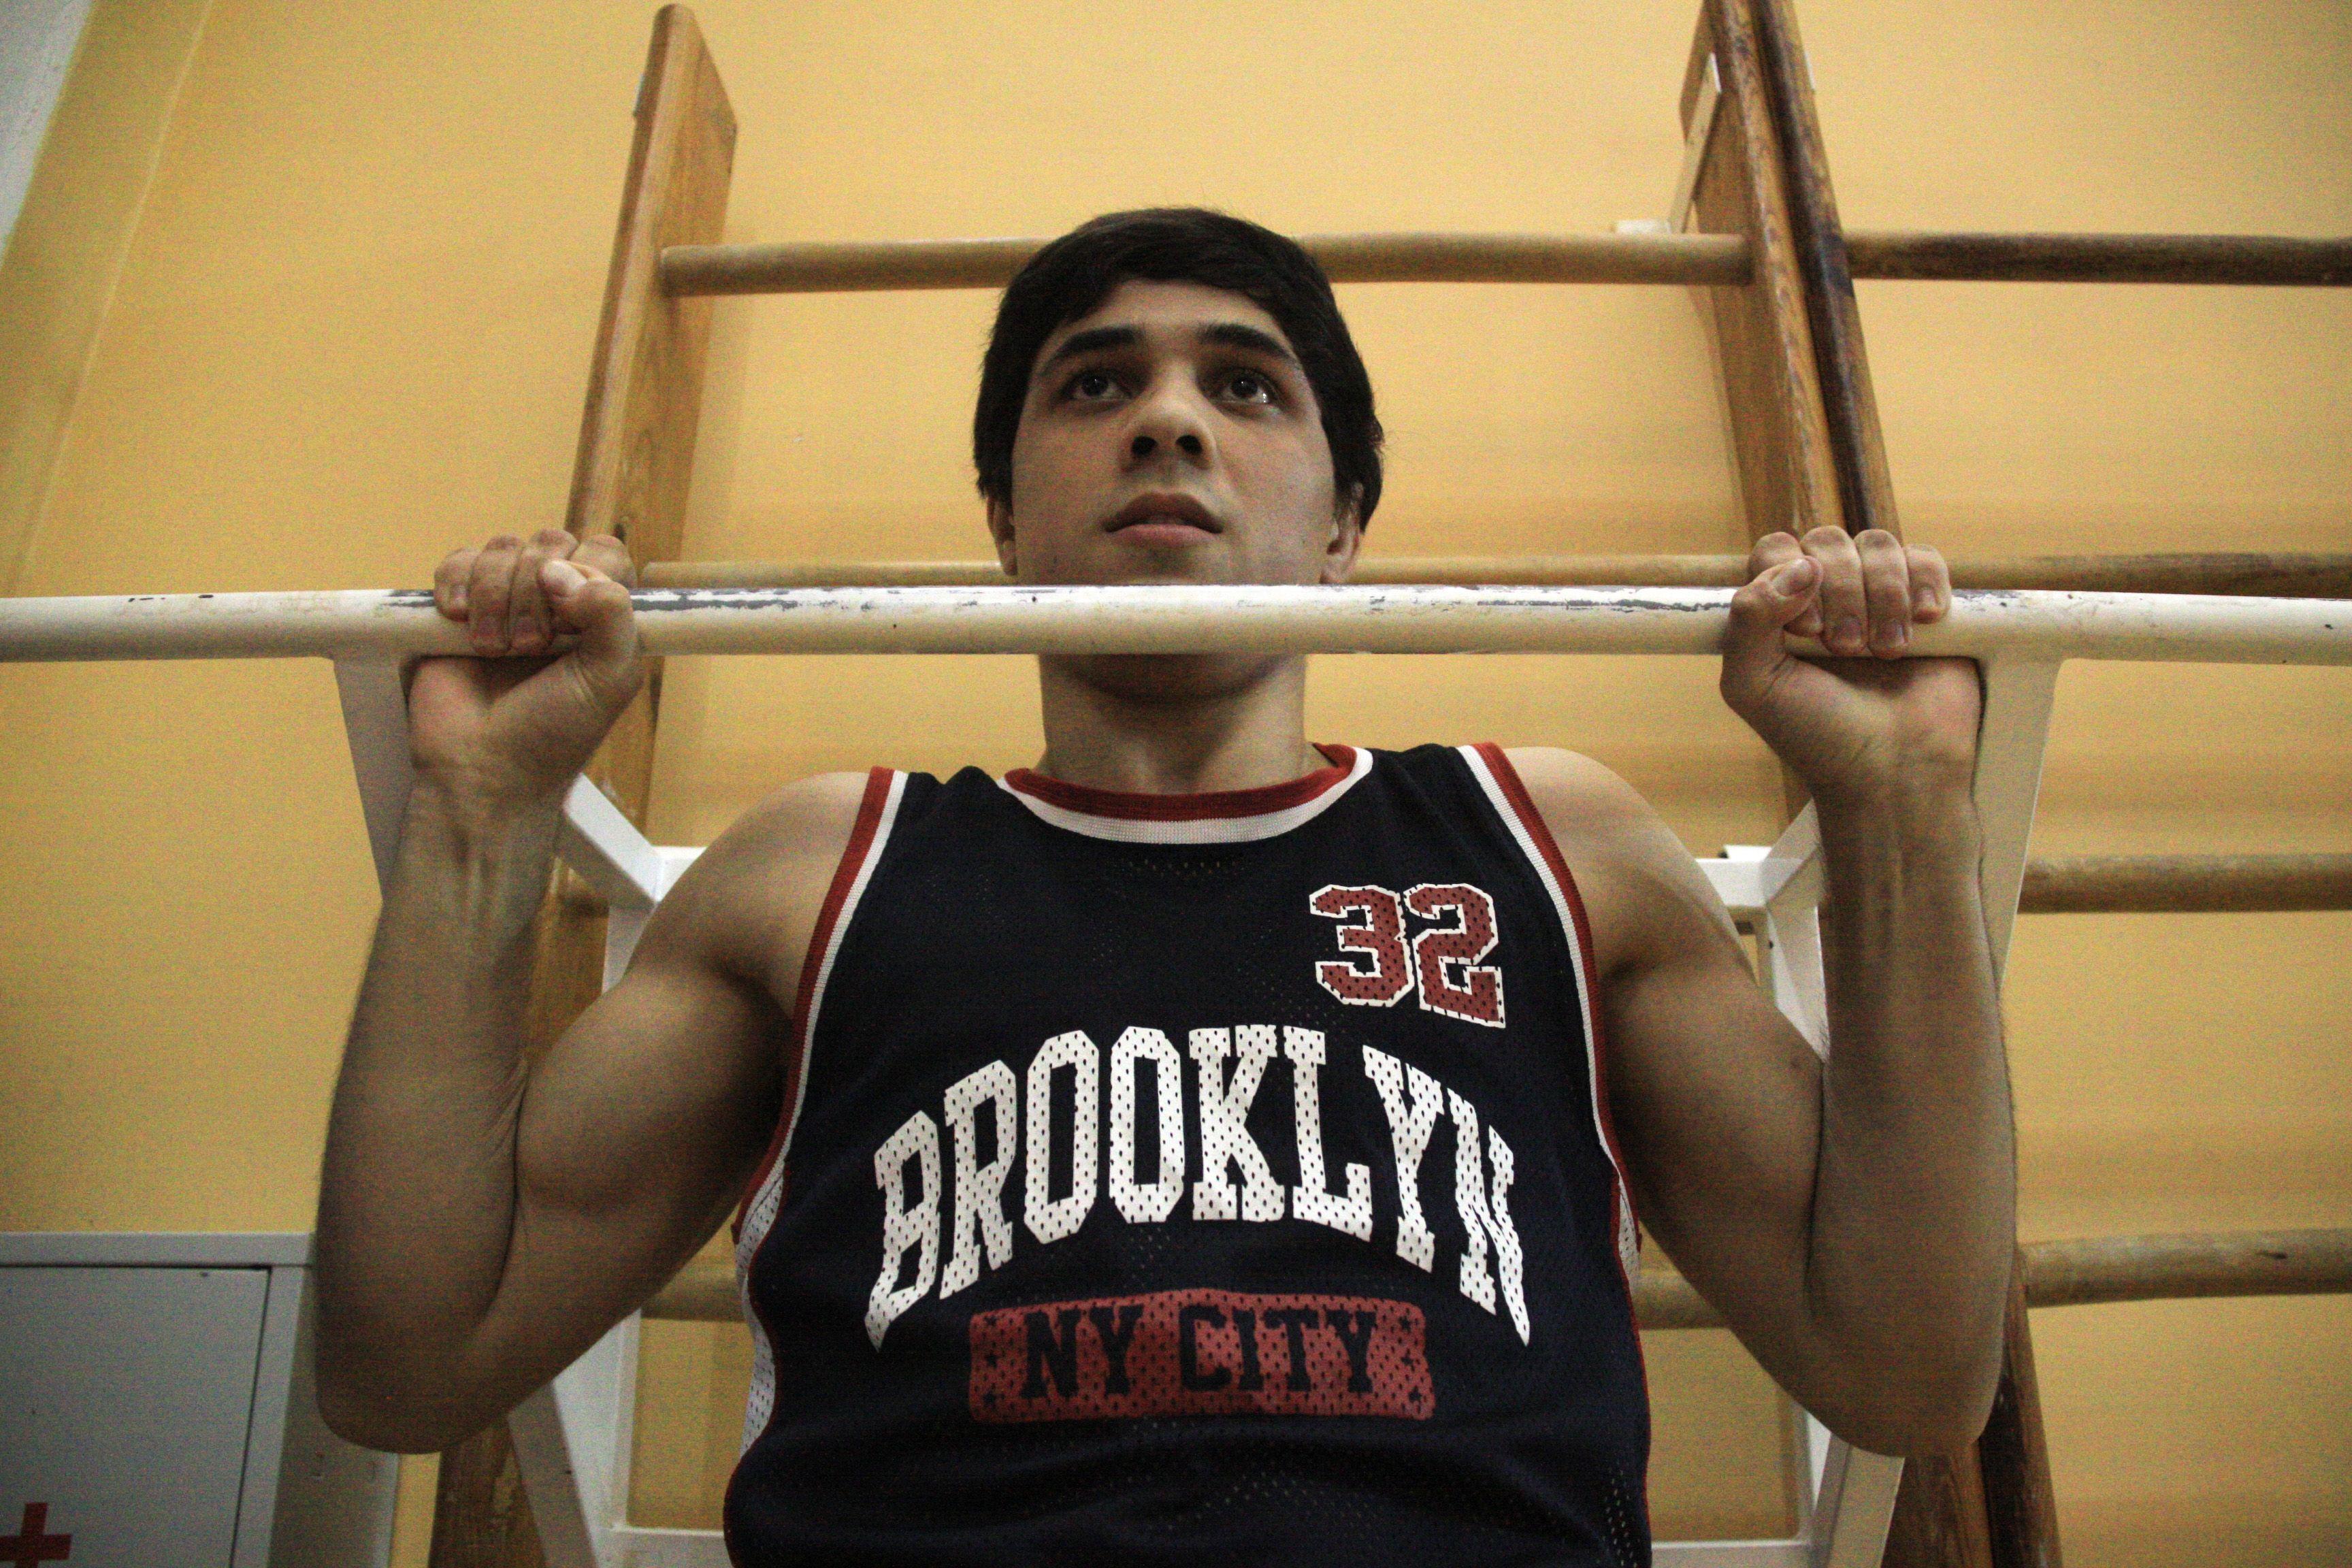 Спорт онлайн: серию домашних тренировок подготовили инструкторы юга